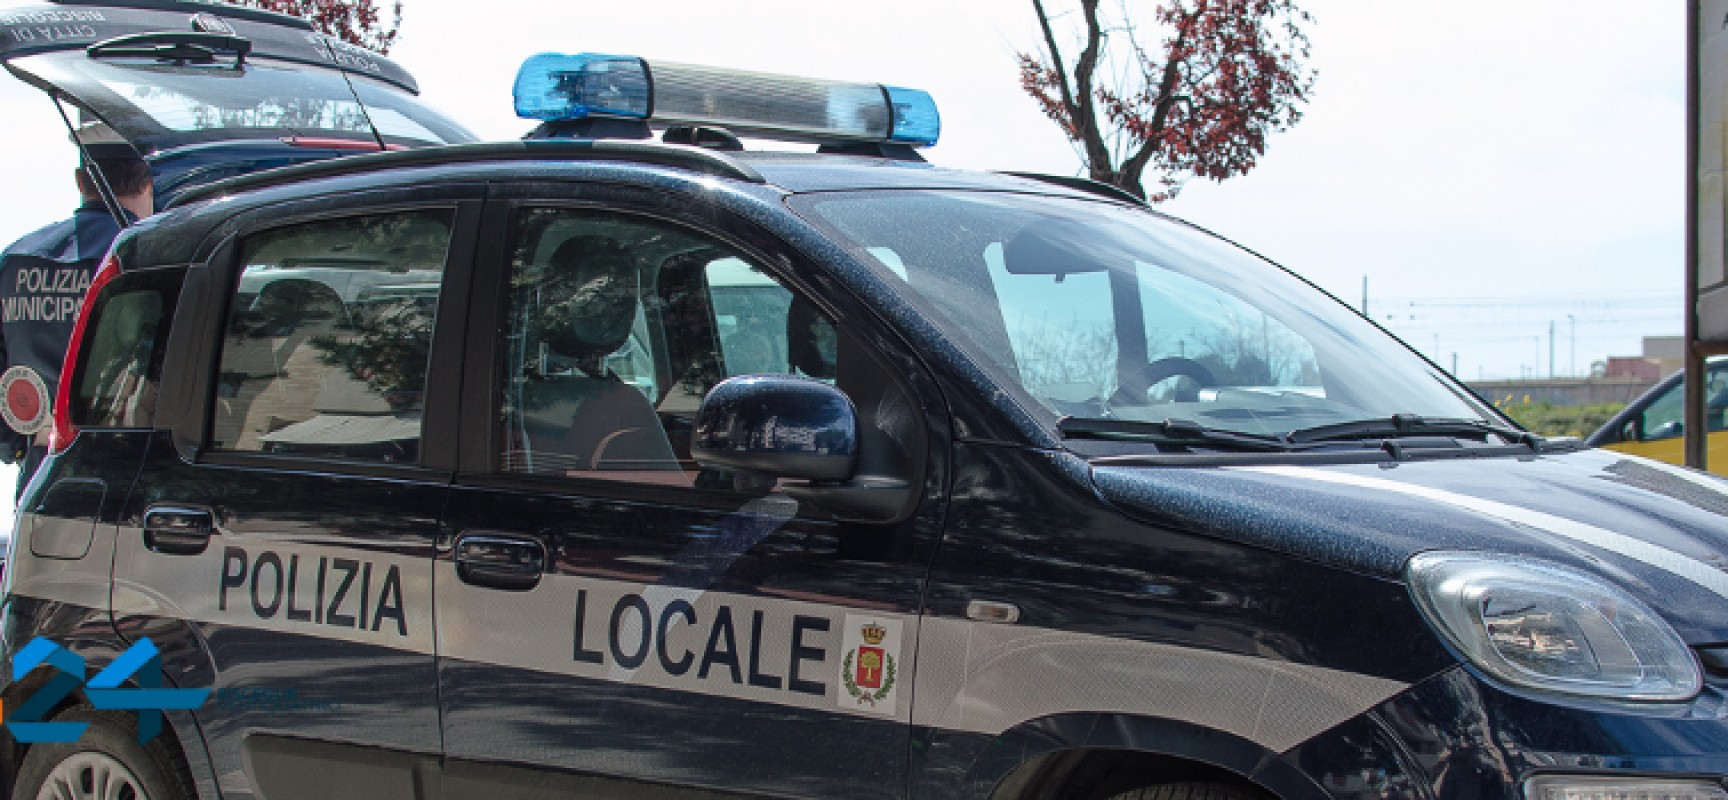 Tampona autovettura e va via, auto in fuga ritrovata dalla Polizia Municipale